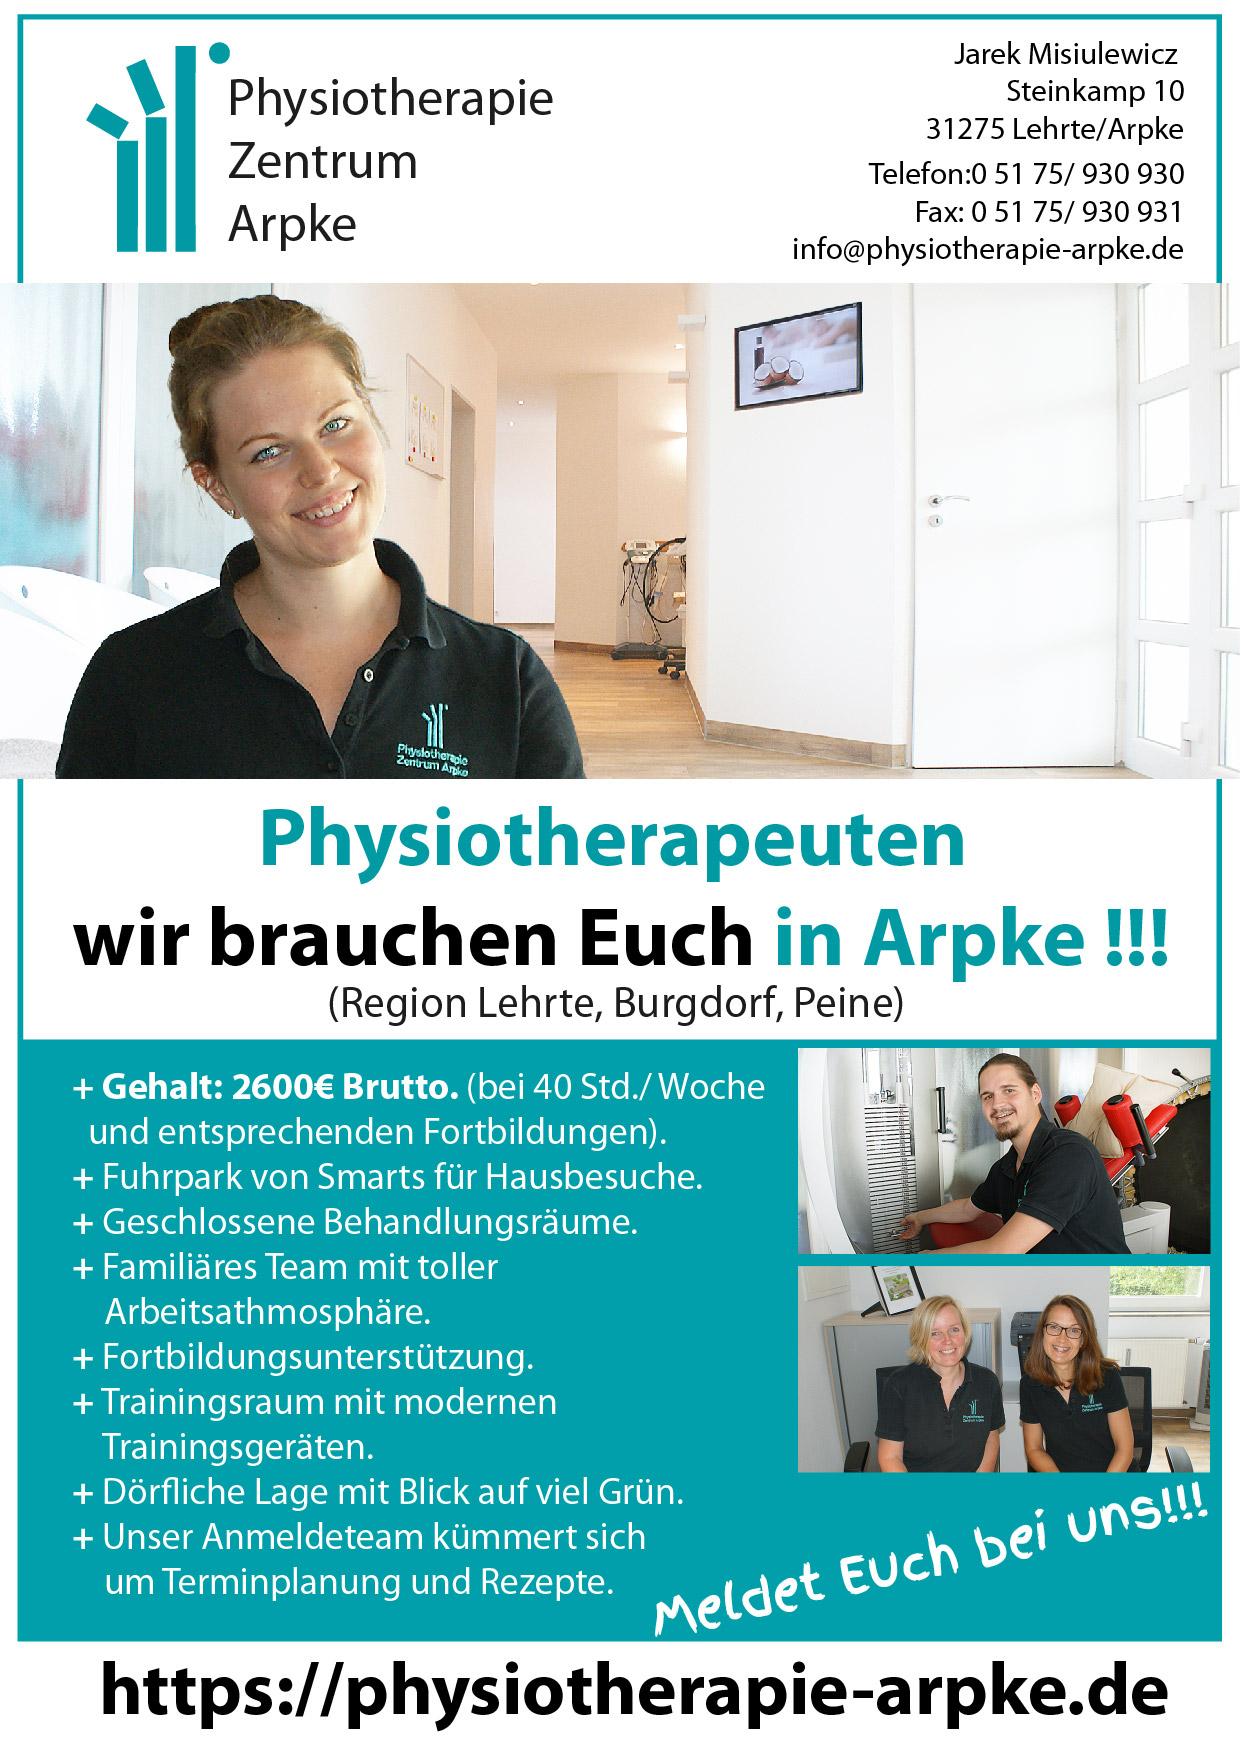 Stellenausschreibung: Physiotherapeuten, wir brauchen Euch in Arpke !!!